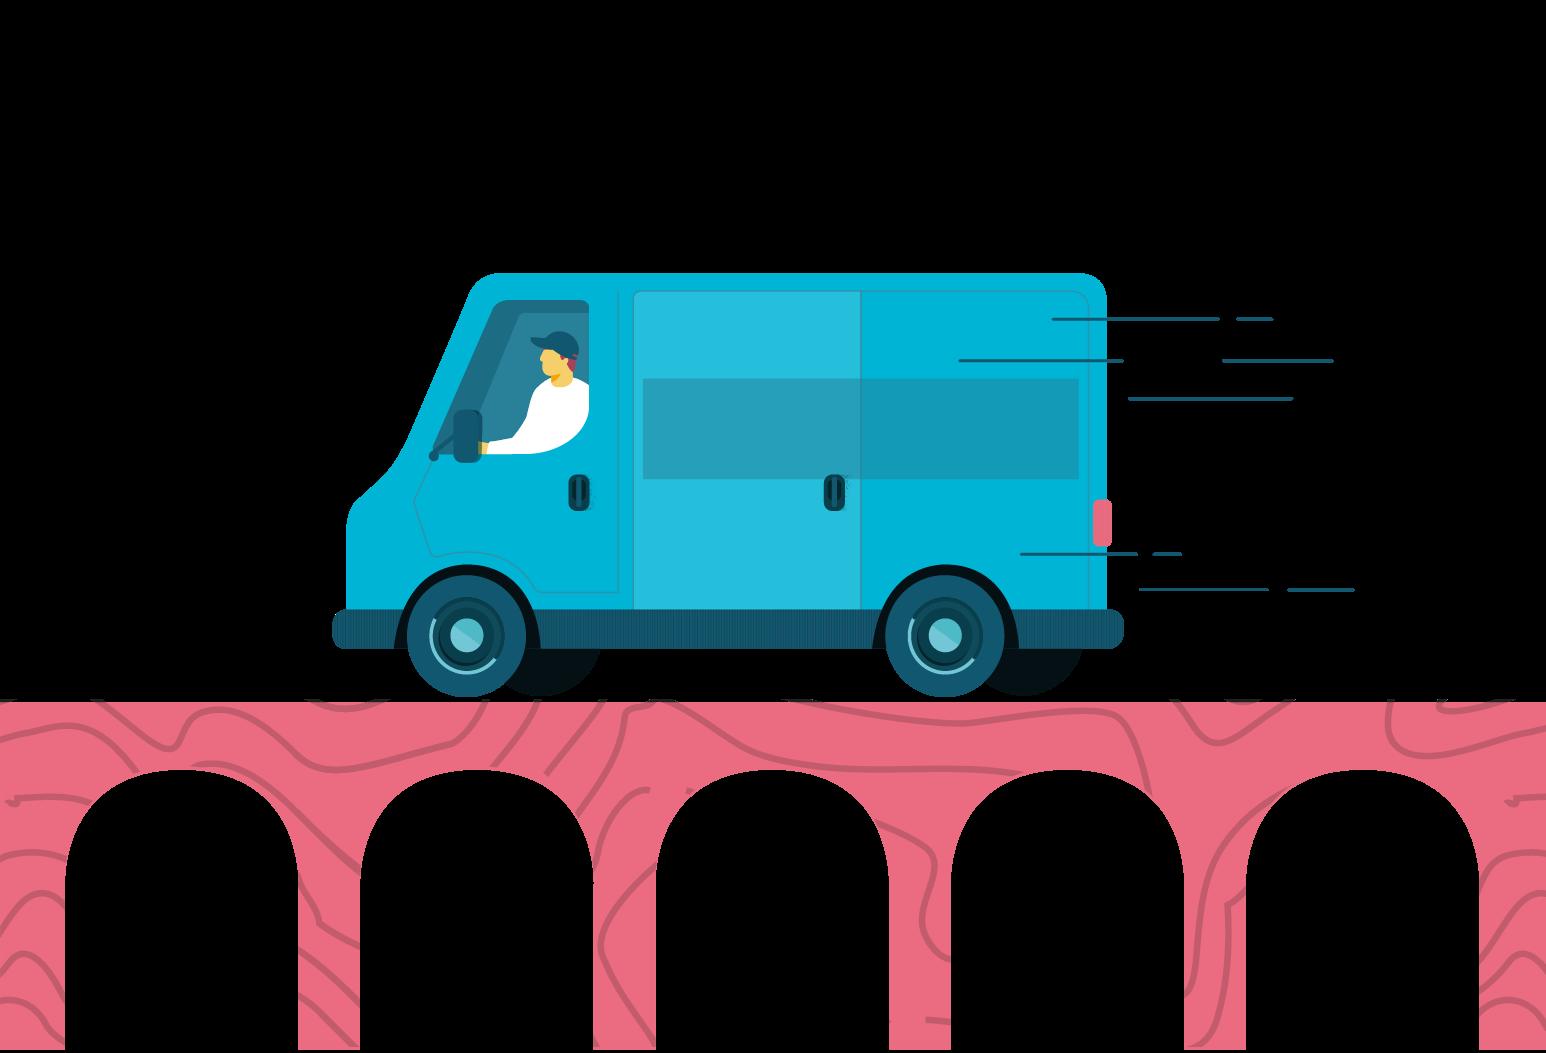 vehicule-2-1